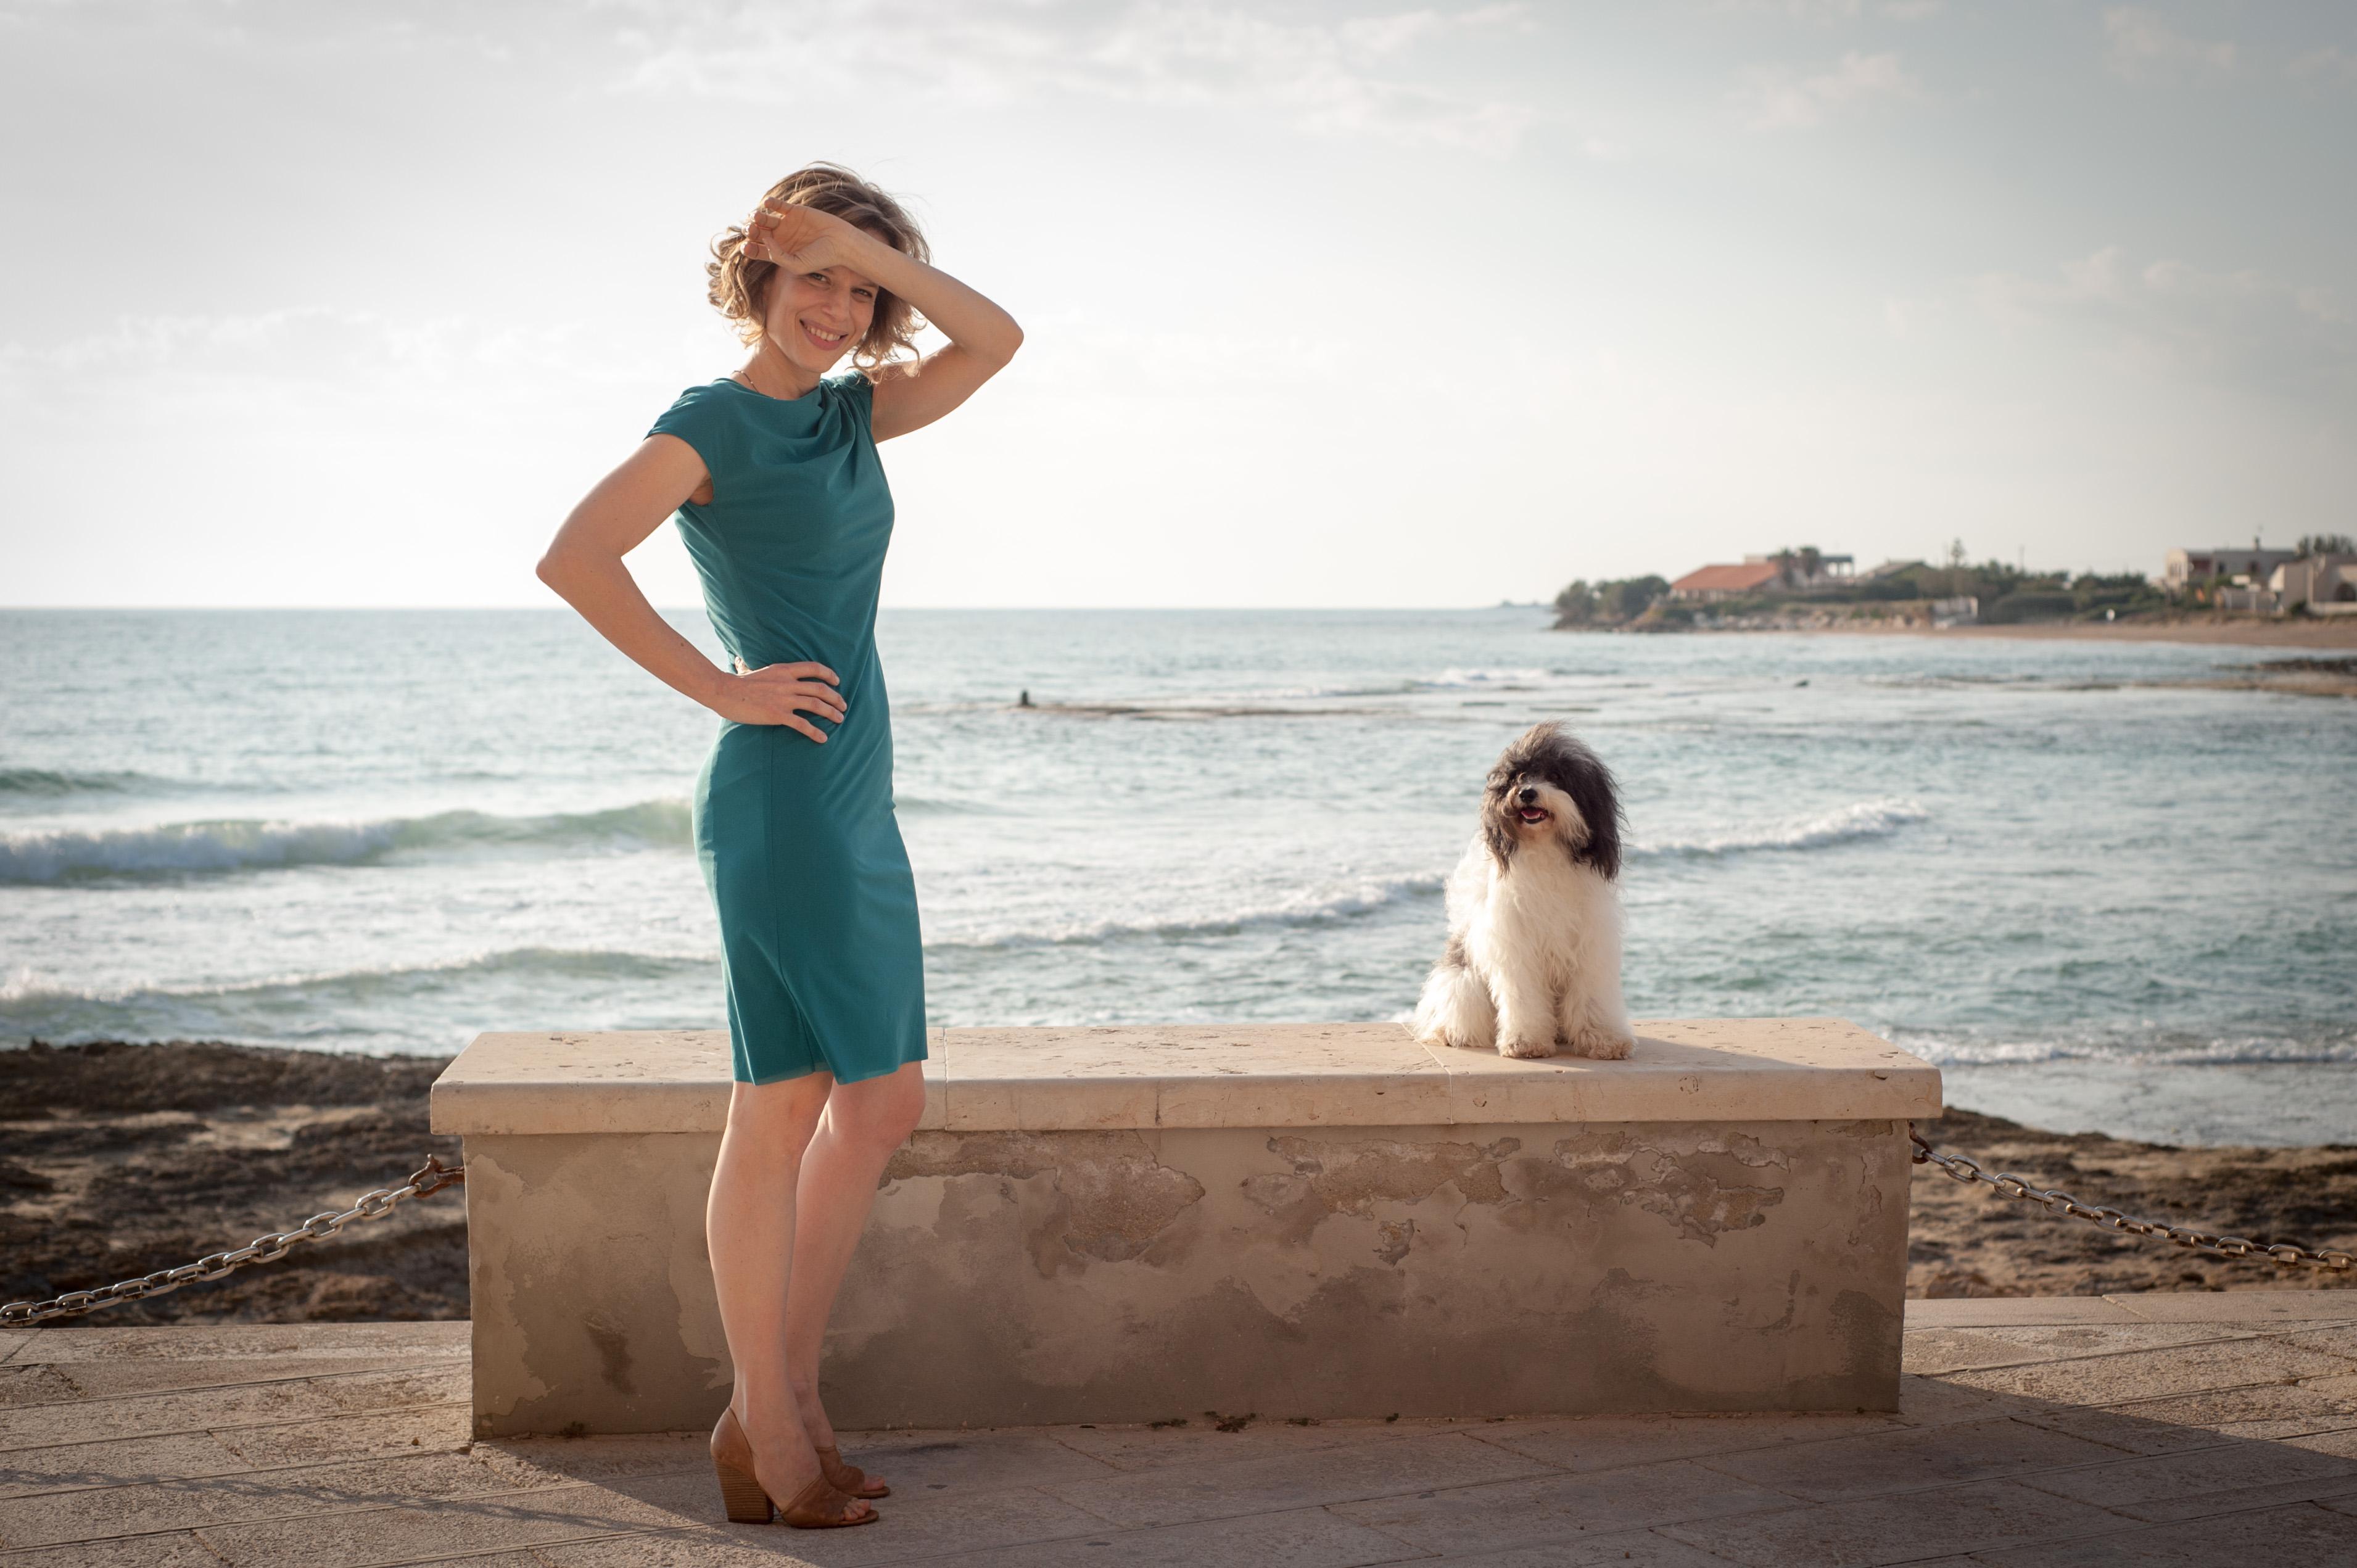 Il commissario Montalbano: l'attrice Sonia Bergamasco in una foto di Una faccenda delicata